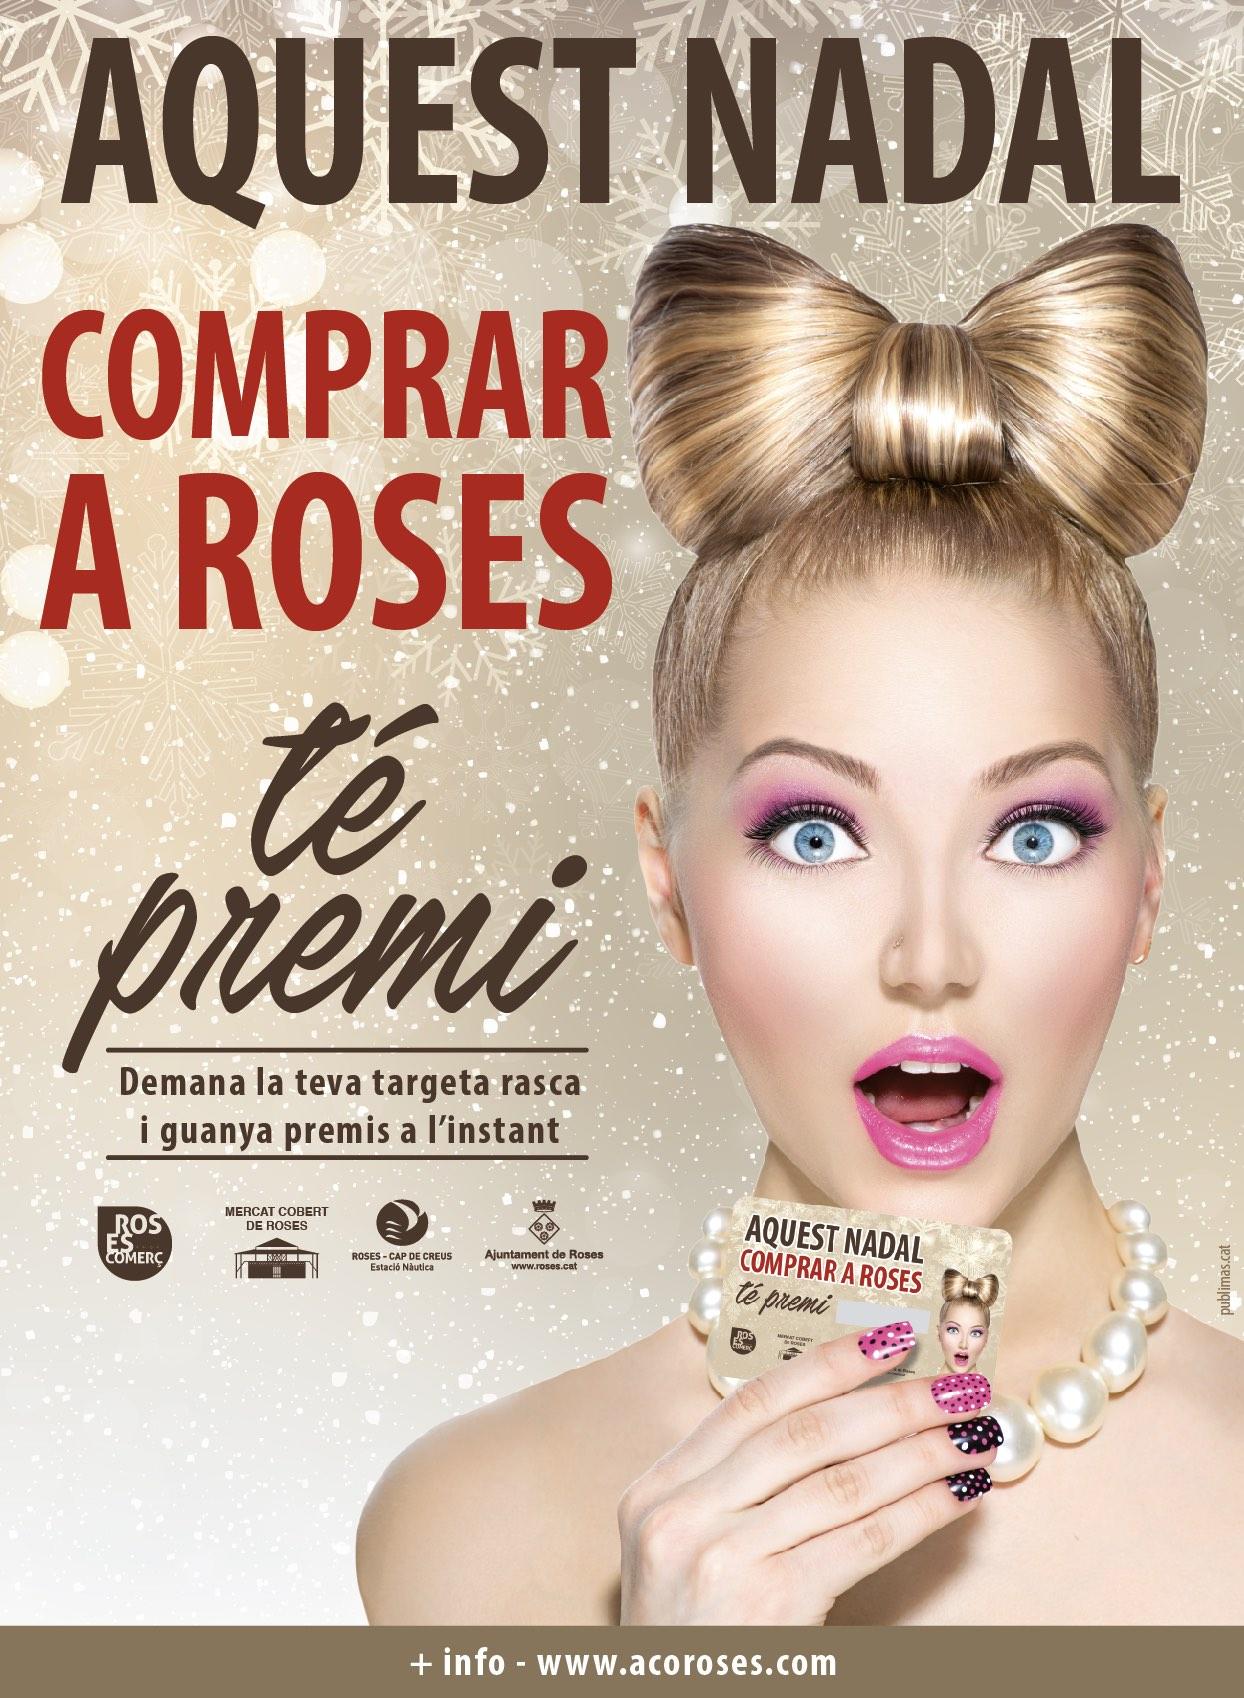 Comerciants i paradistes del Mercat Cobert de Roses repartiran 5.000 euros en premis en la campanya de Nadal